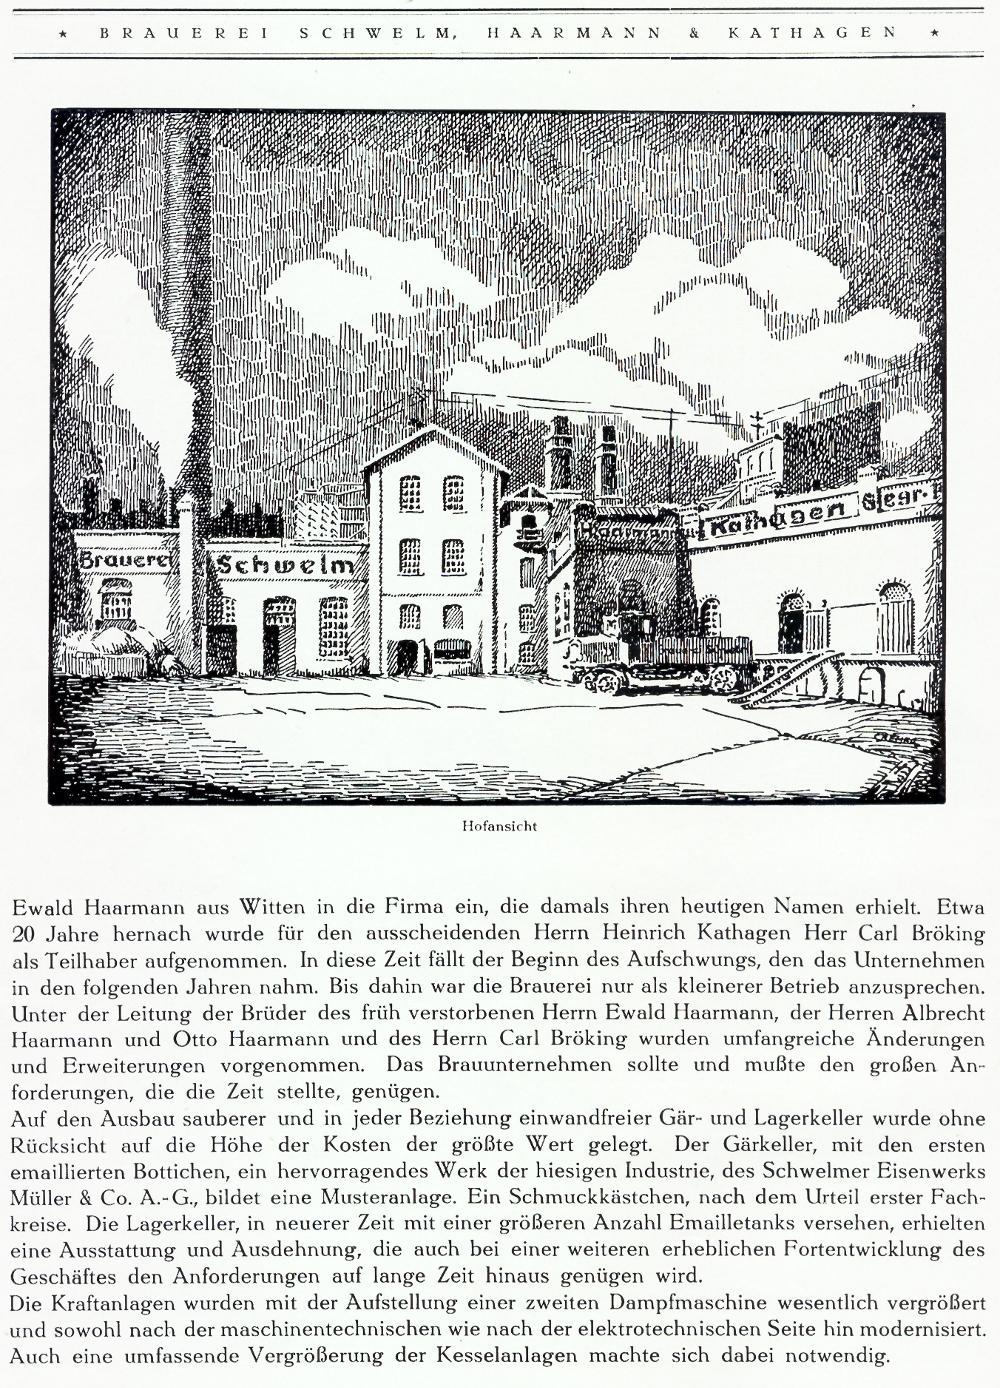 Brauerei Schwelm alter Stich02